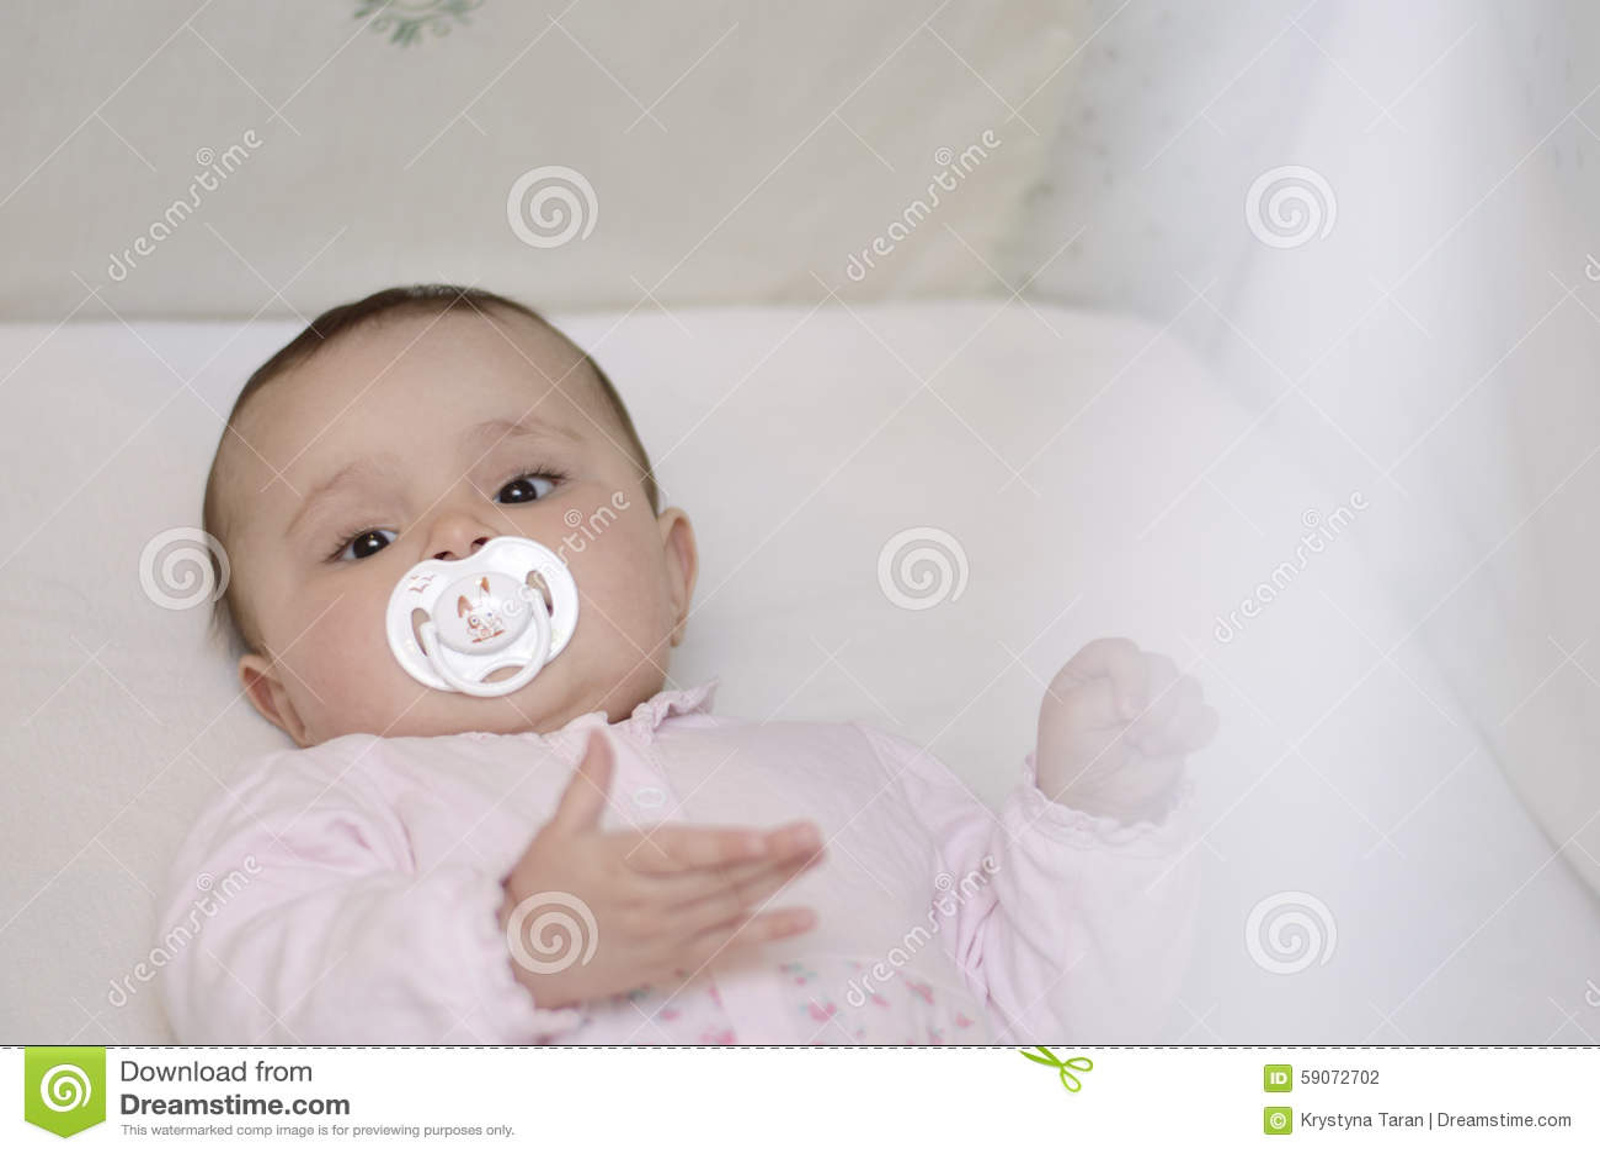 De baby ligt in de voederbak met fopspeen